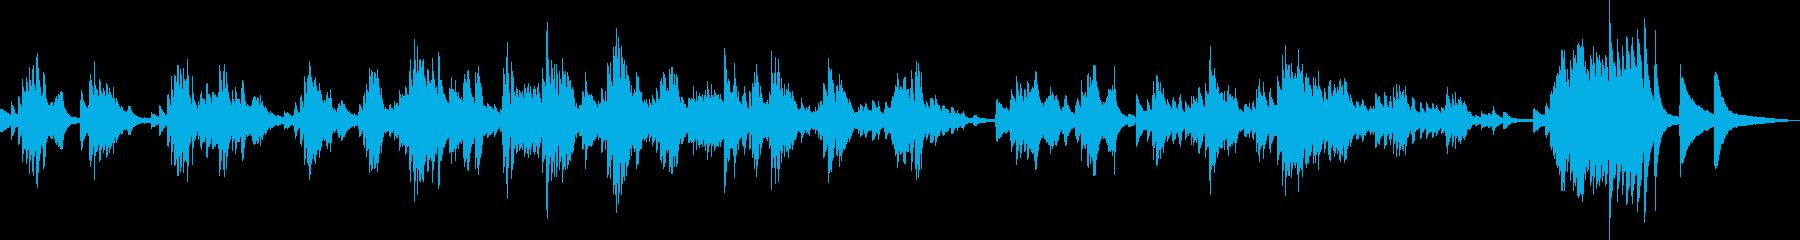 悲劇的なピアノソロの再生済みの波形